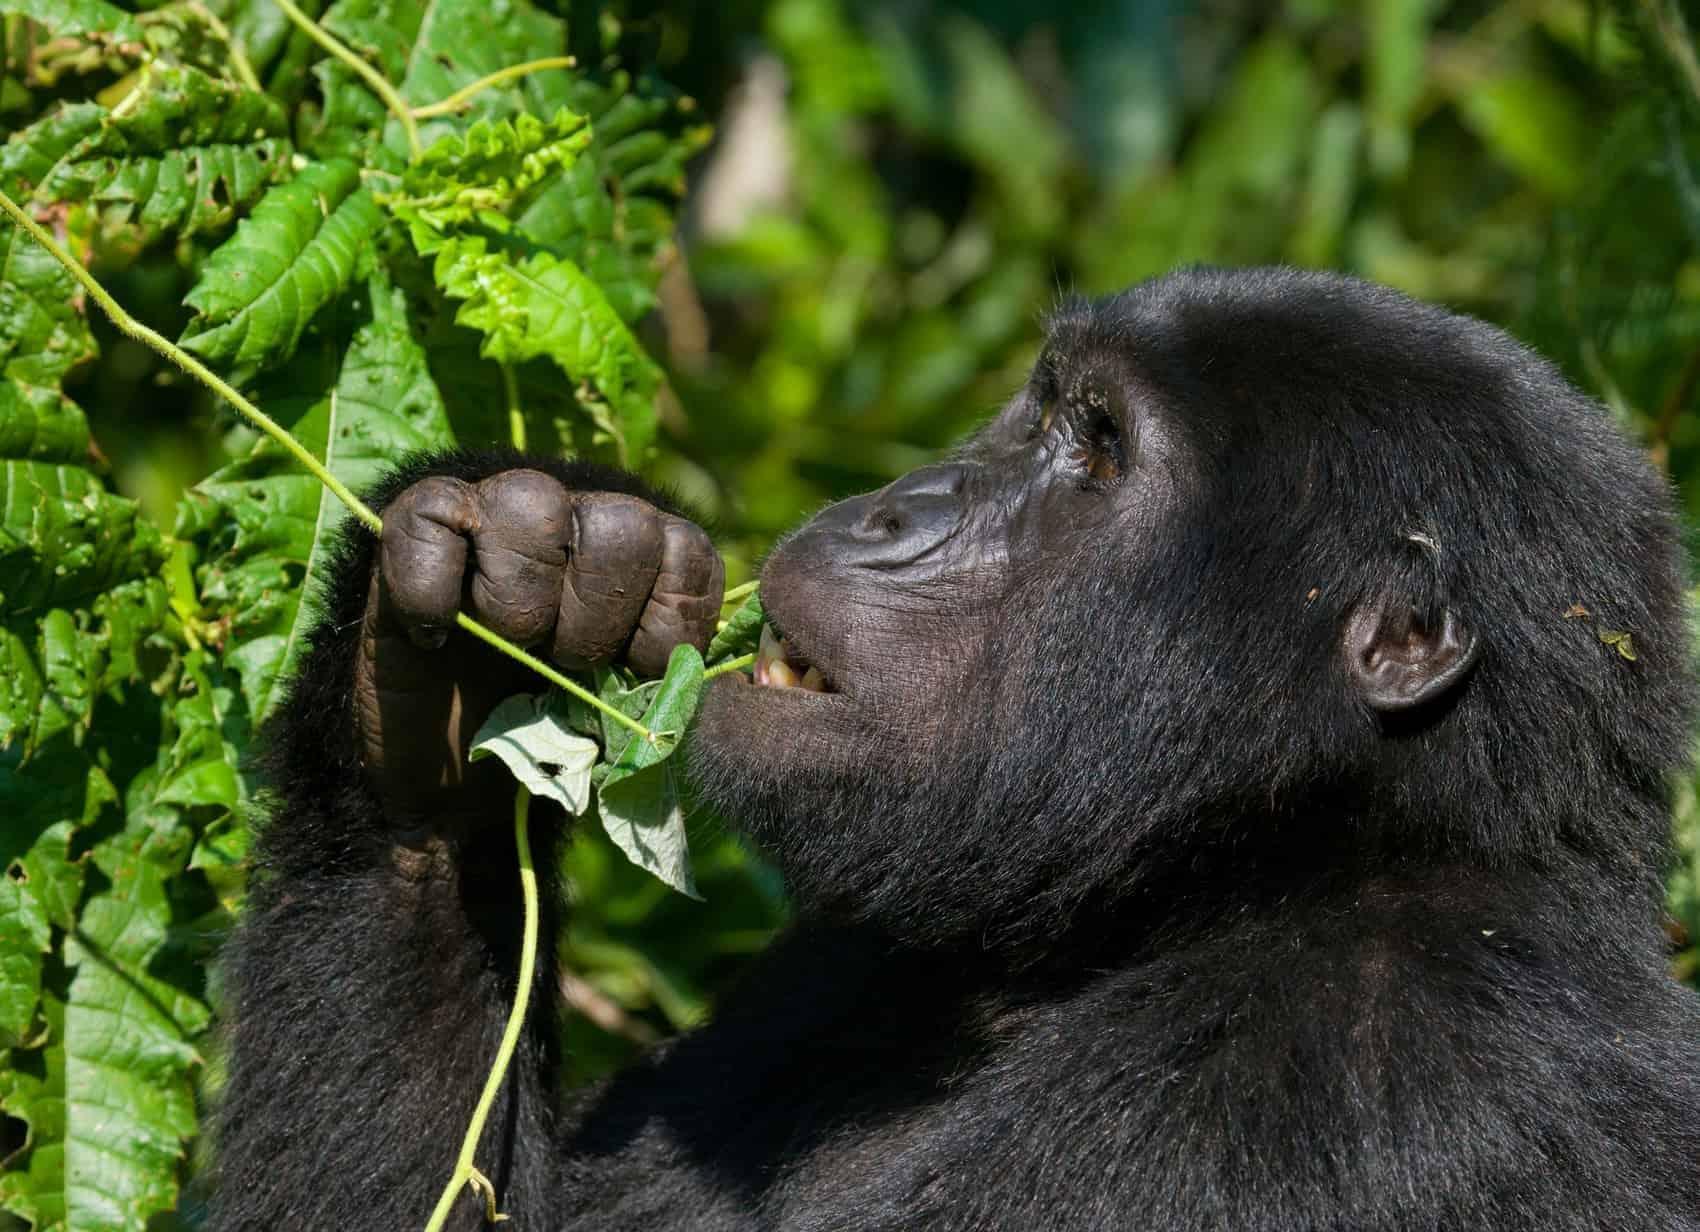 Hvad koster en safari i Afrika? Safari i Uganda, Mountain gorilla tænker lidt over det